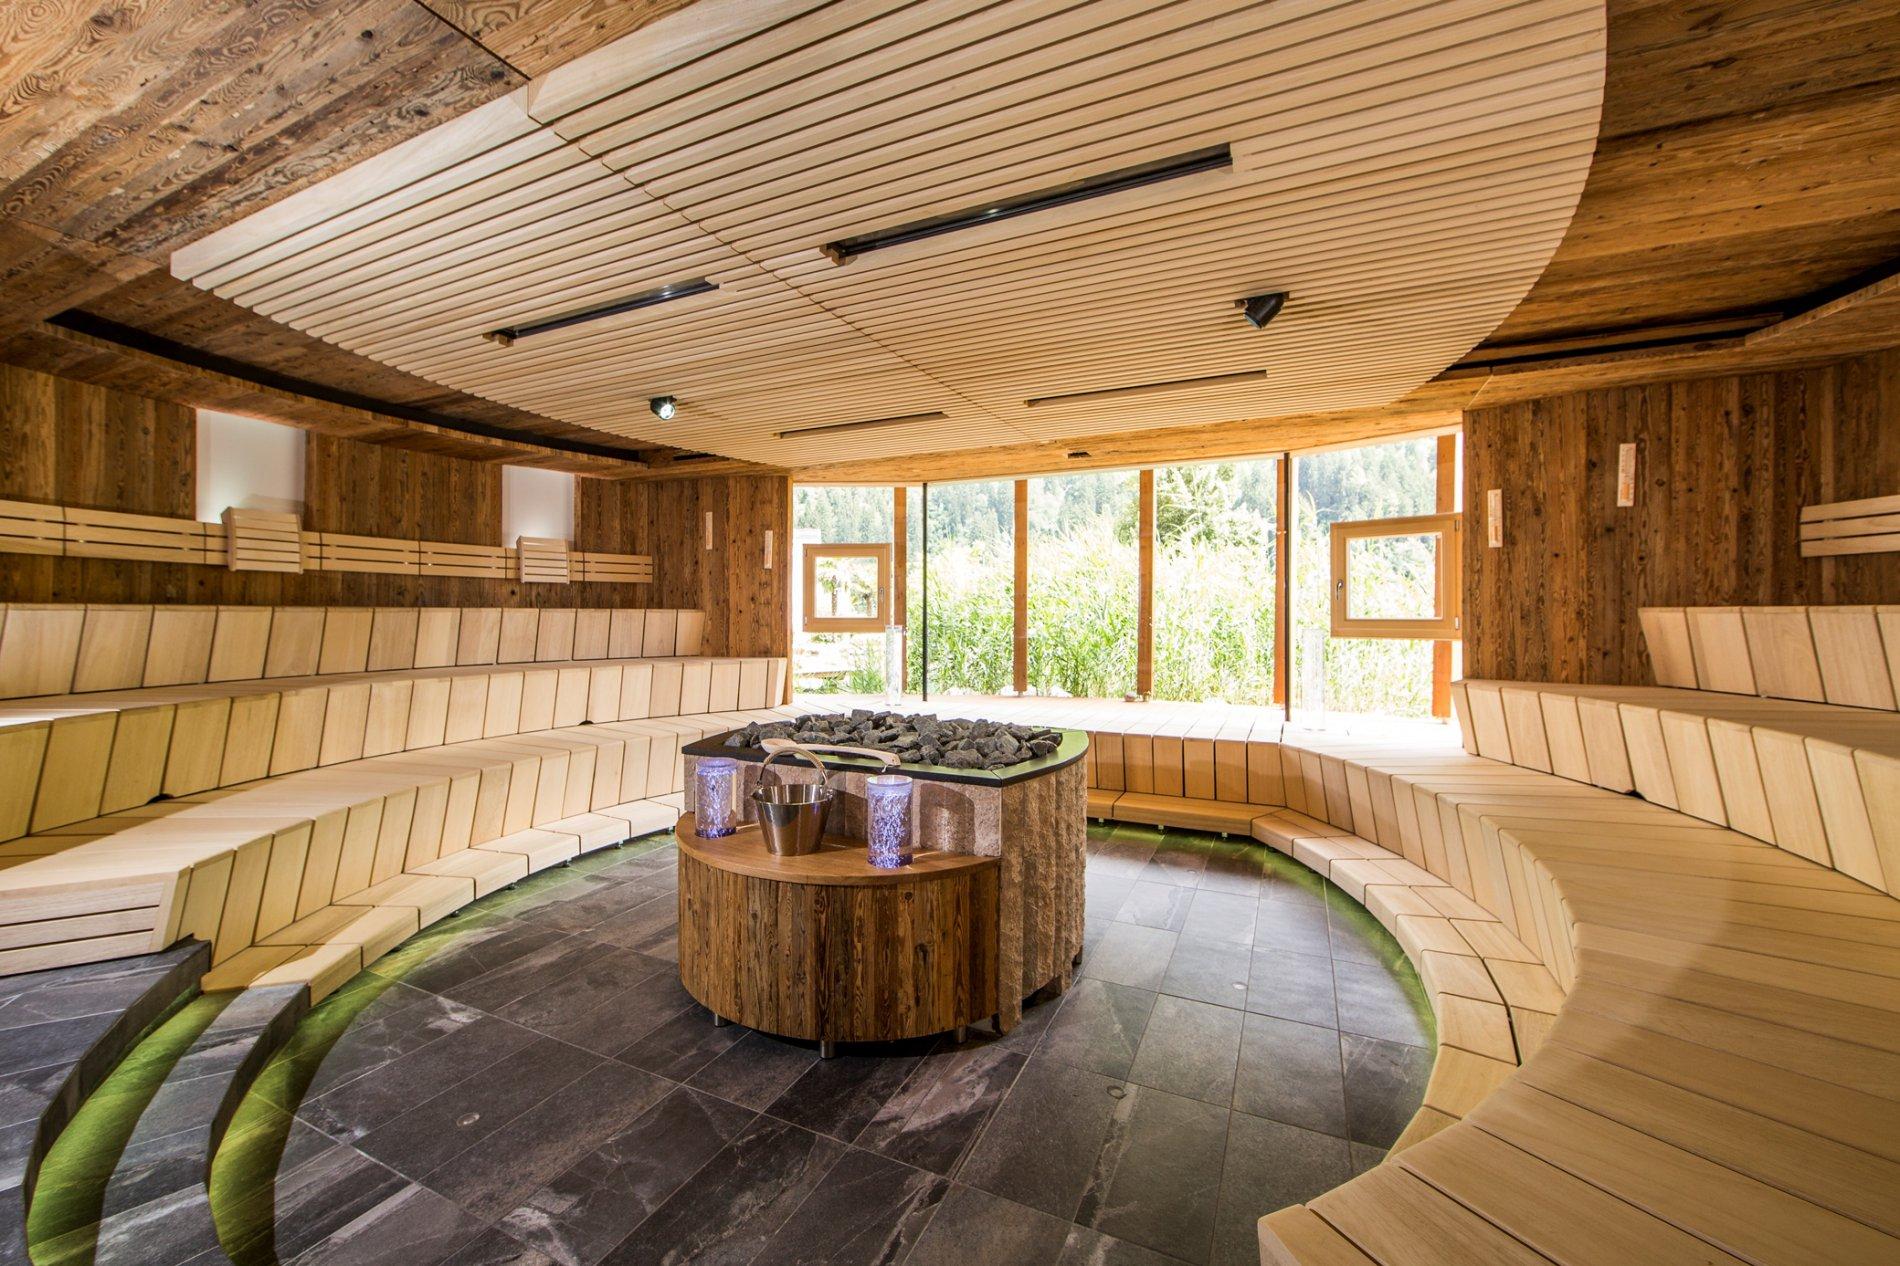 Sauna EM 2015 in St. Martin/Meran Hotel Quellenhof 8.-10. Mai